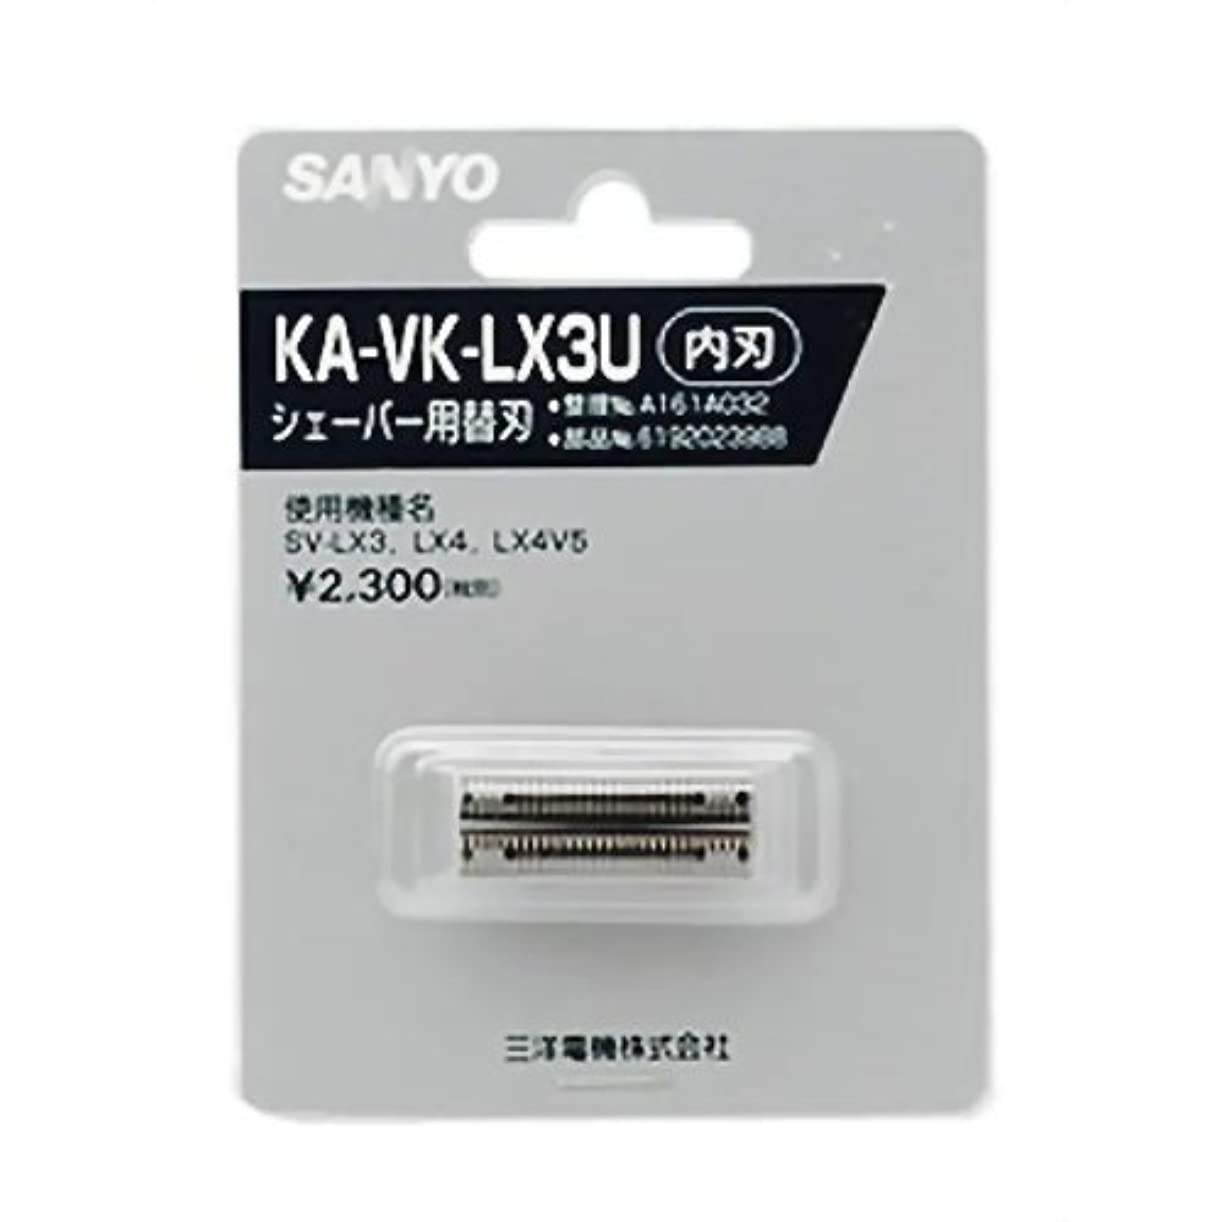 狭い特殊支配するSANYO メンズシェーバー替刃(内刃) KA-VK-LX3U